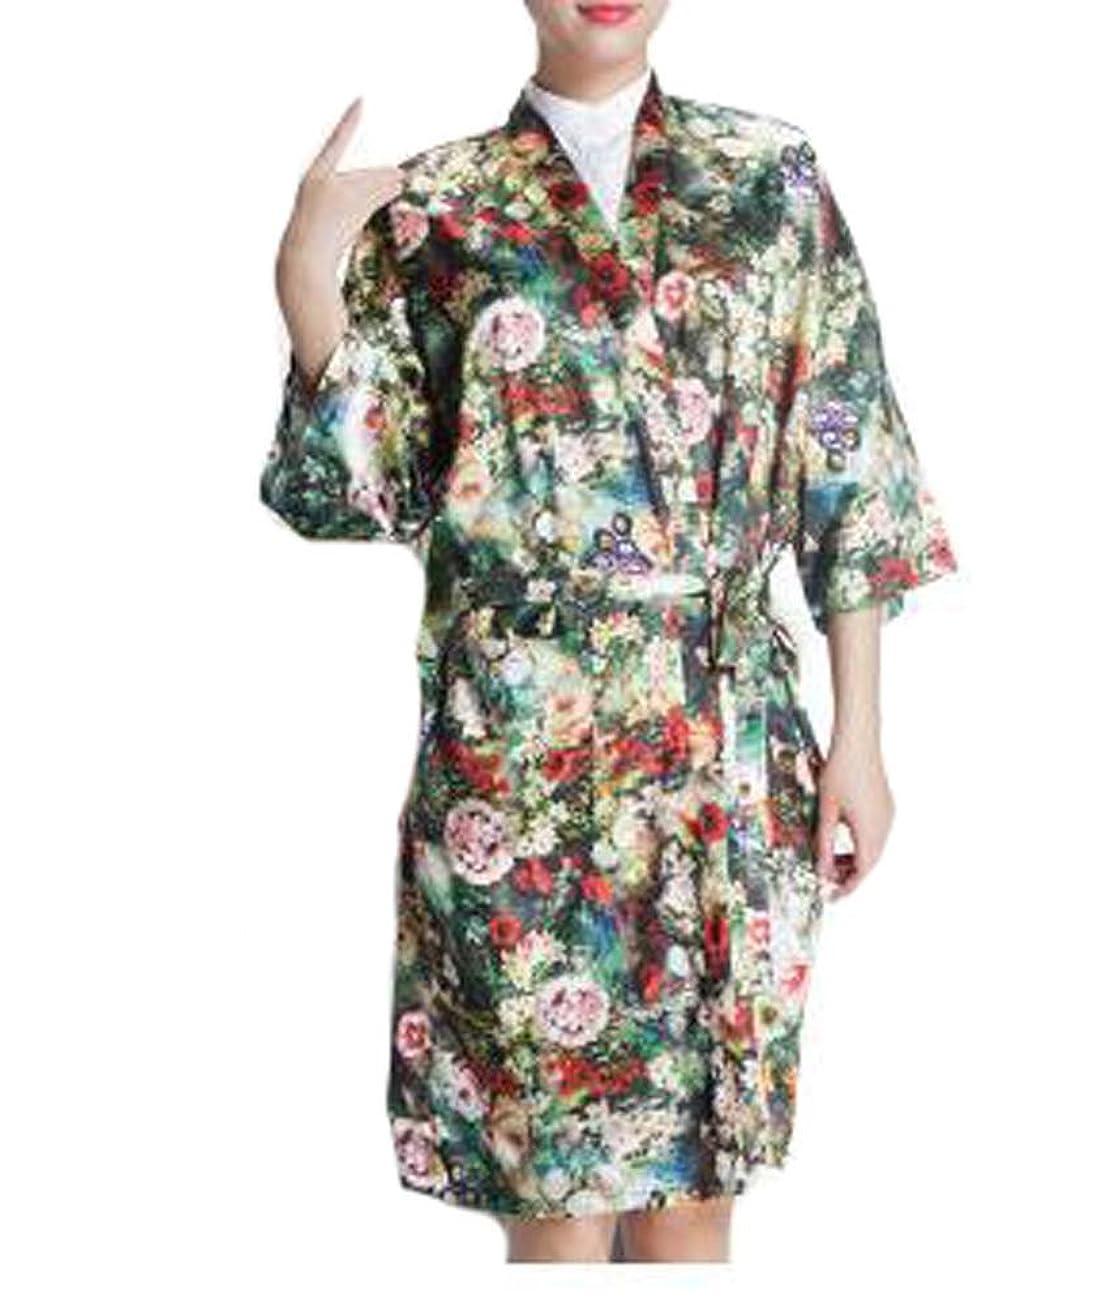 サーバント腹パンサロンクライアントのドレス、クライアント、花のための上品なローブ美容院